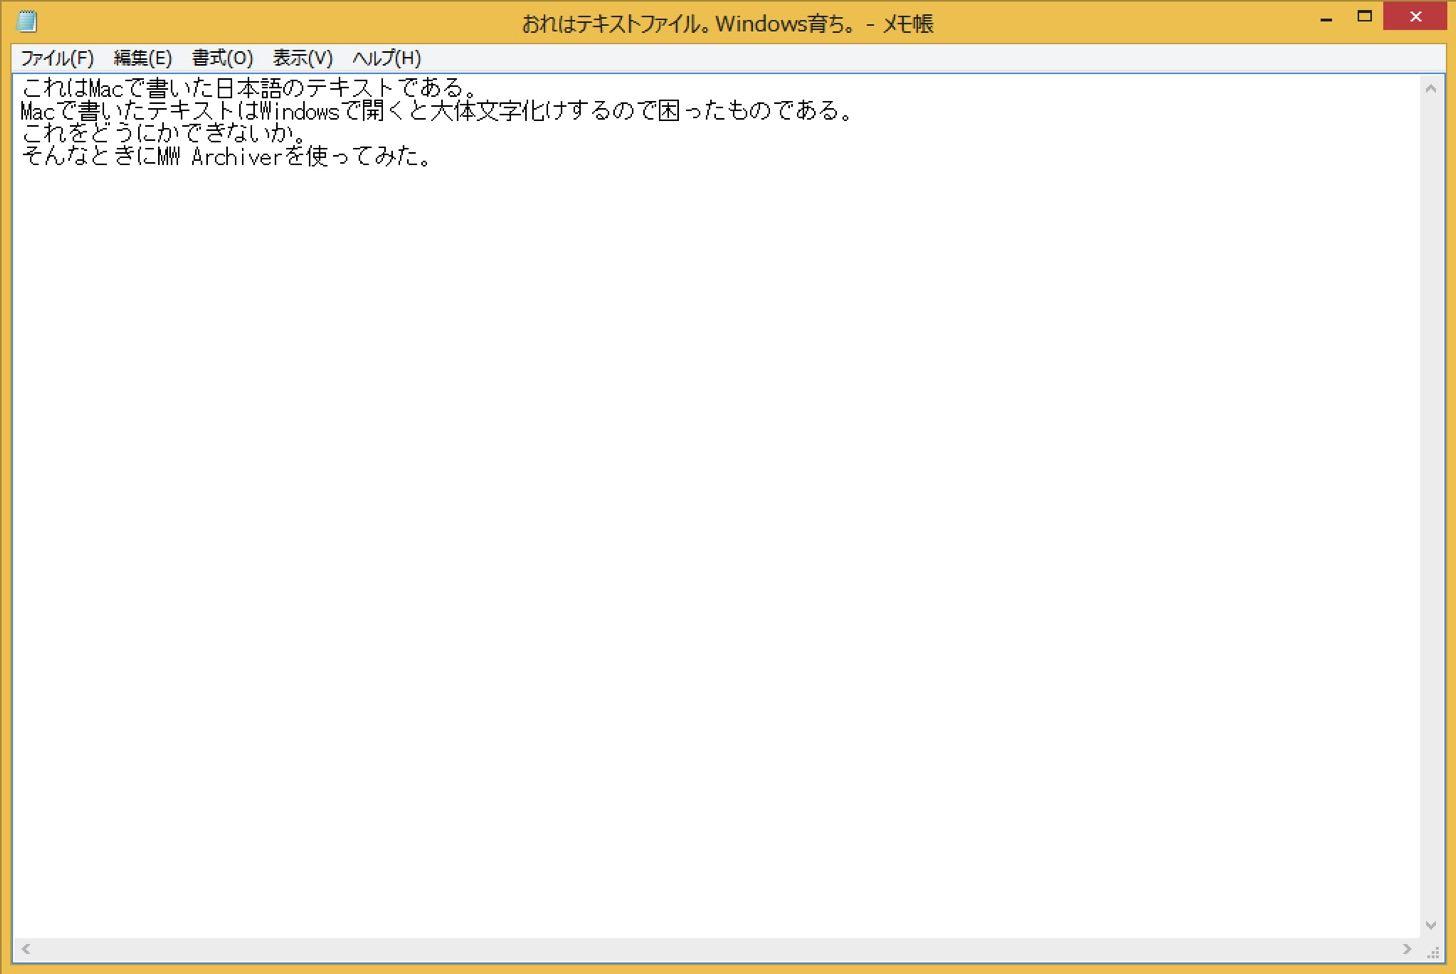 MW Archiverで解凍したテキストファイル